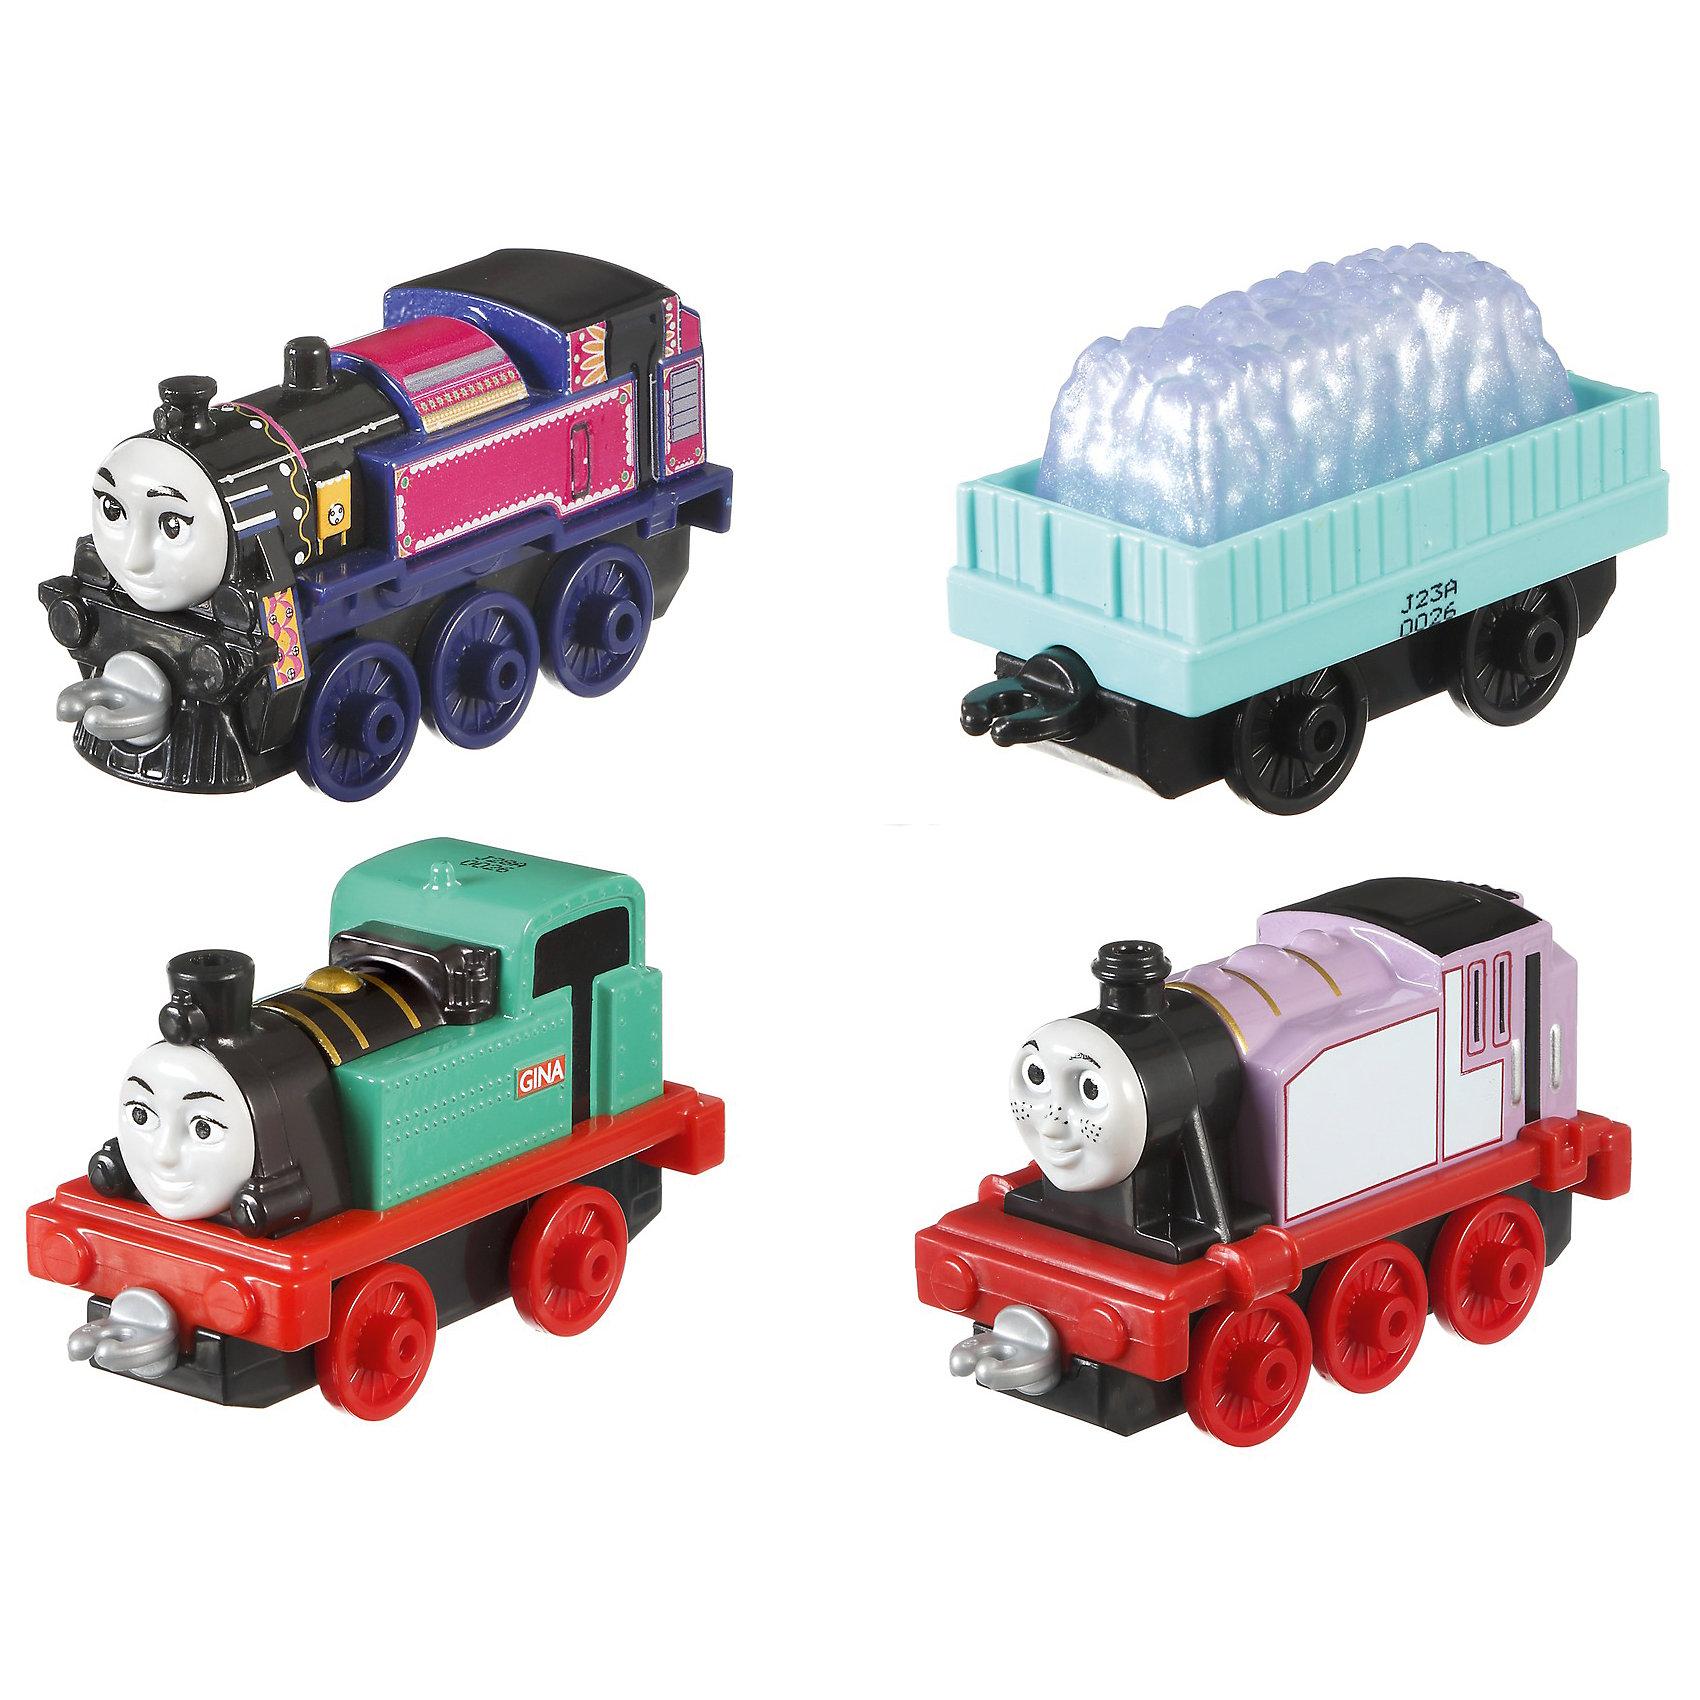 Набор из 3-х паровозиков с вагончиком, Томас и его друзьяПопулярные игрушки<br><br><br>Ширина мм: 130<br>Глубина мм: 40<br>Высота мм: 260<br>Вес г: 287<br>Возраст от месяцев: 36<br>Возраст до месяцев: 120<br>Пол: Мужской<br>Возраст: Детский<br>SKU: 6673391